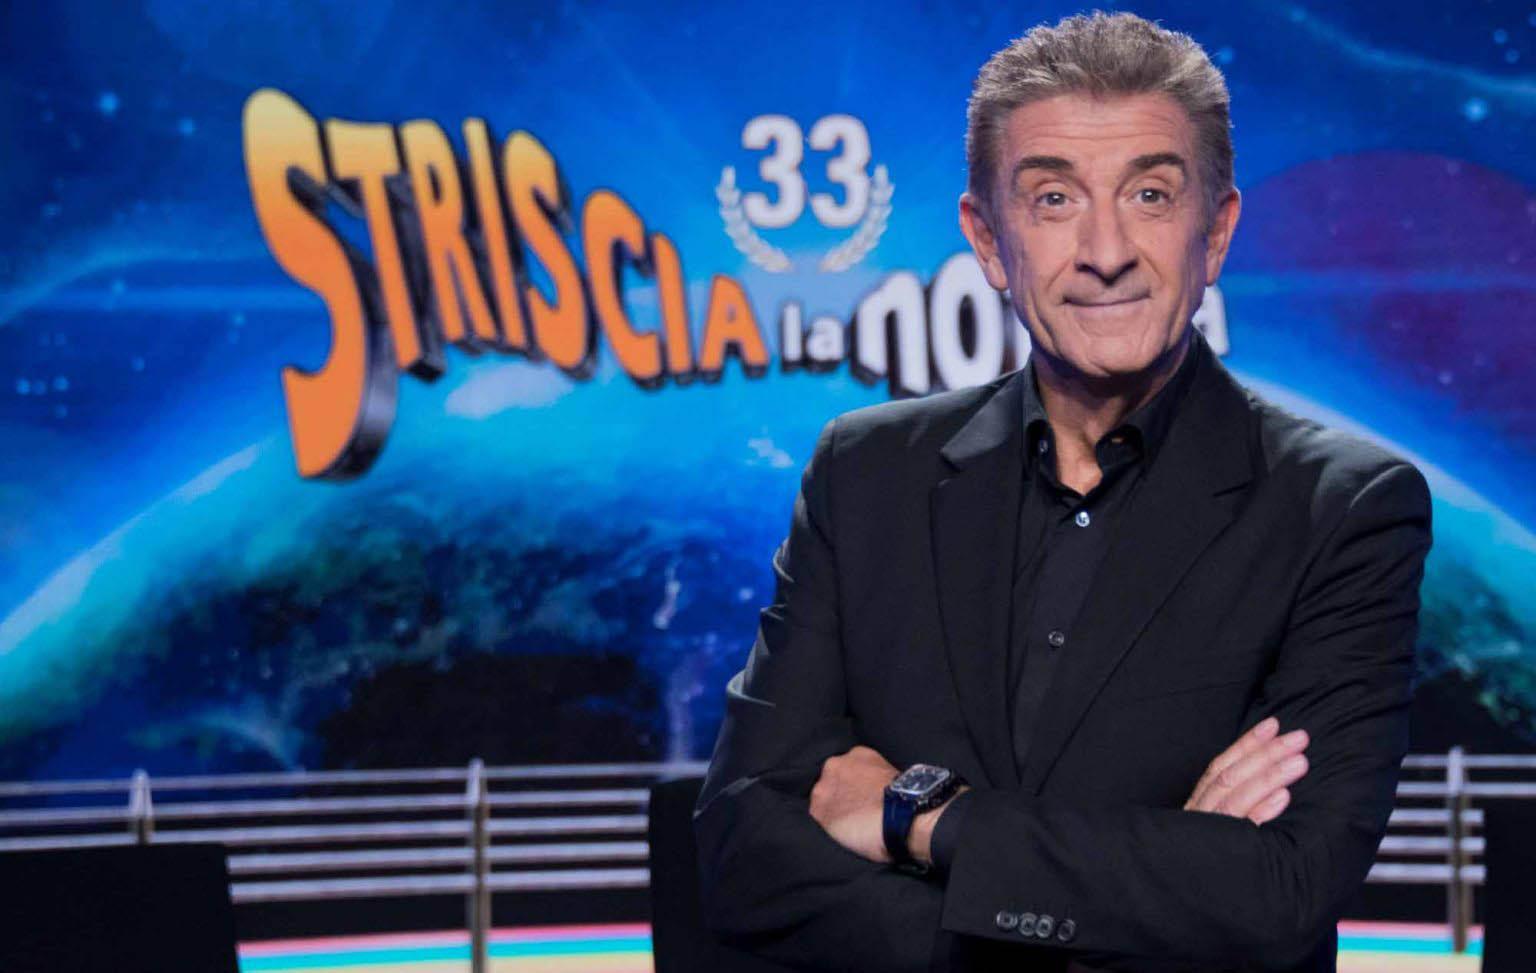 EZIO GREGGIO TORNA A STRISCIA